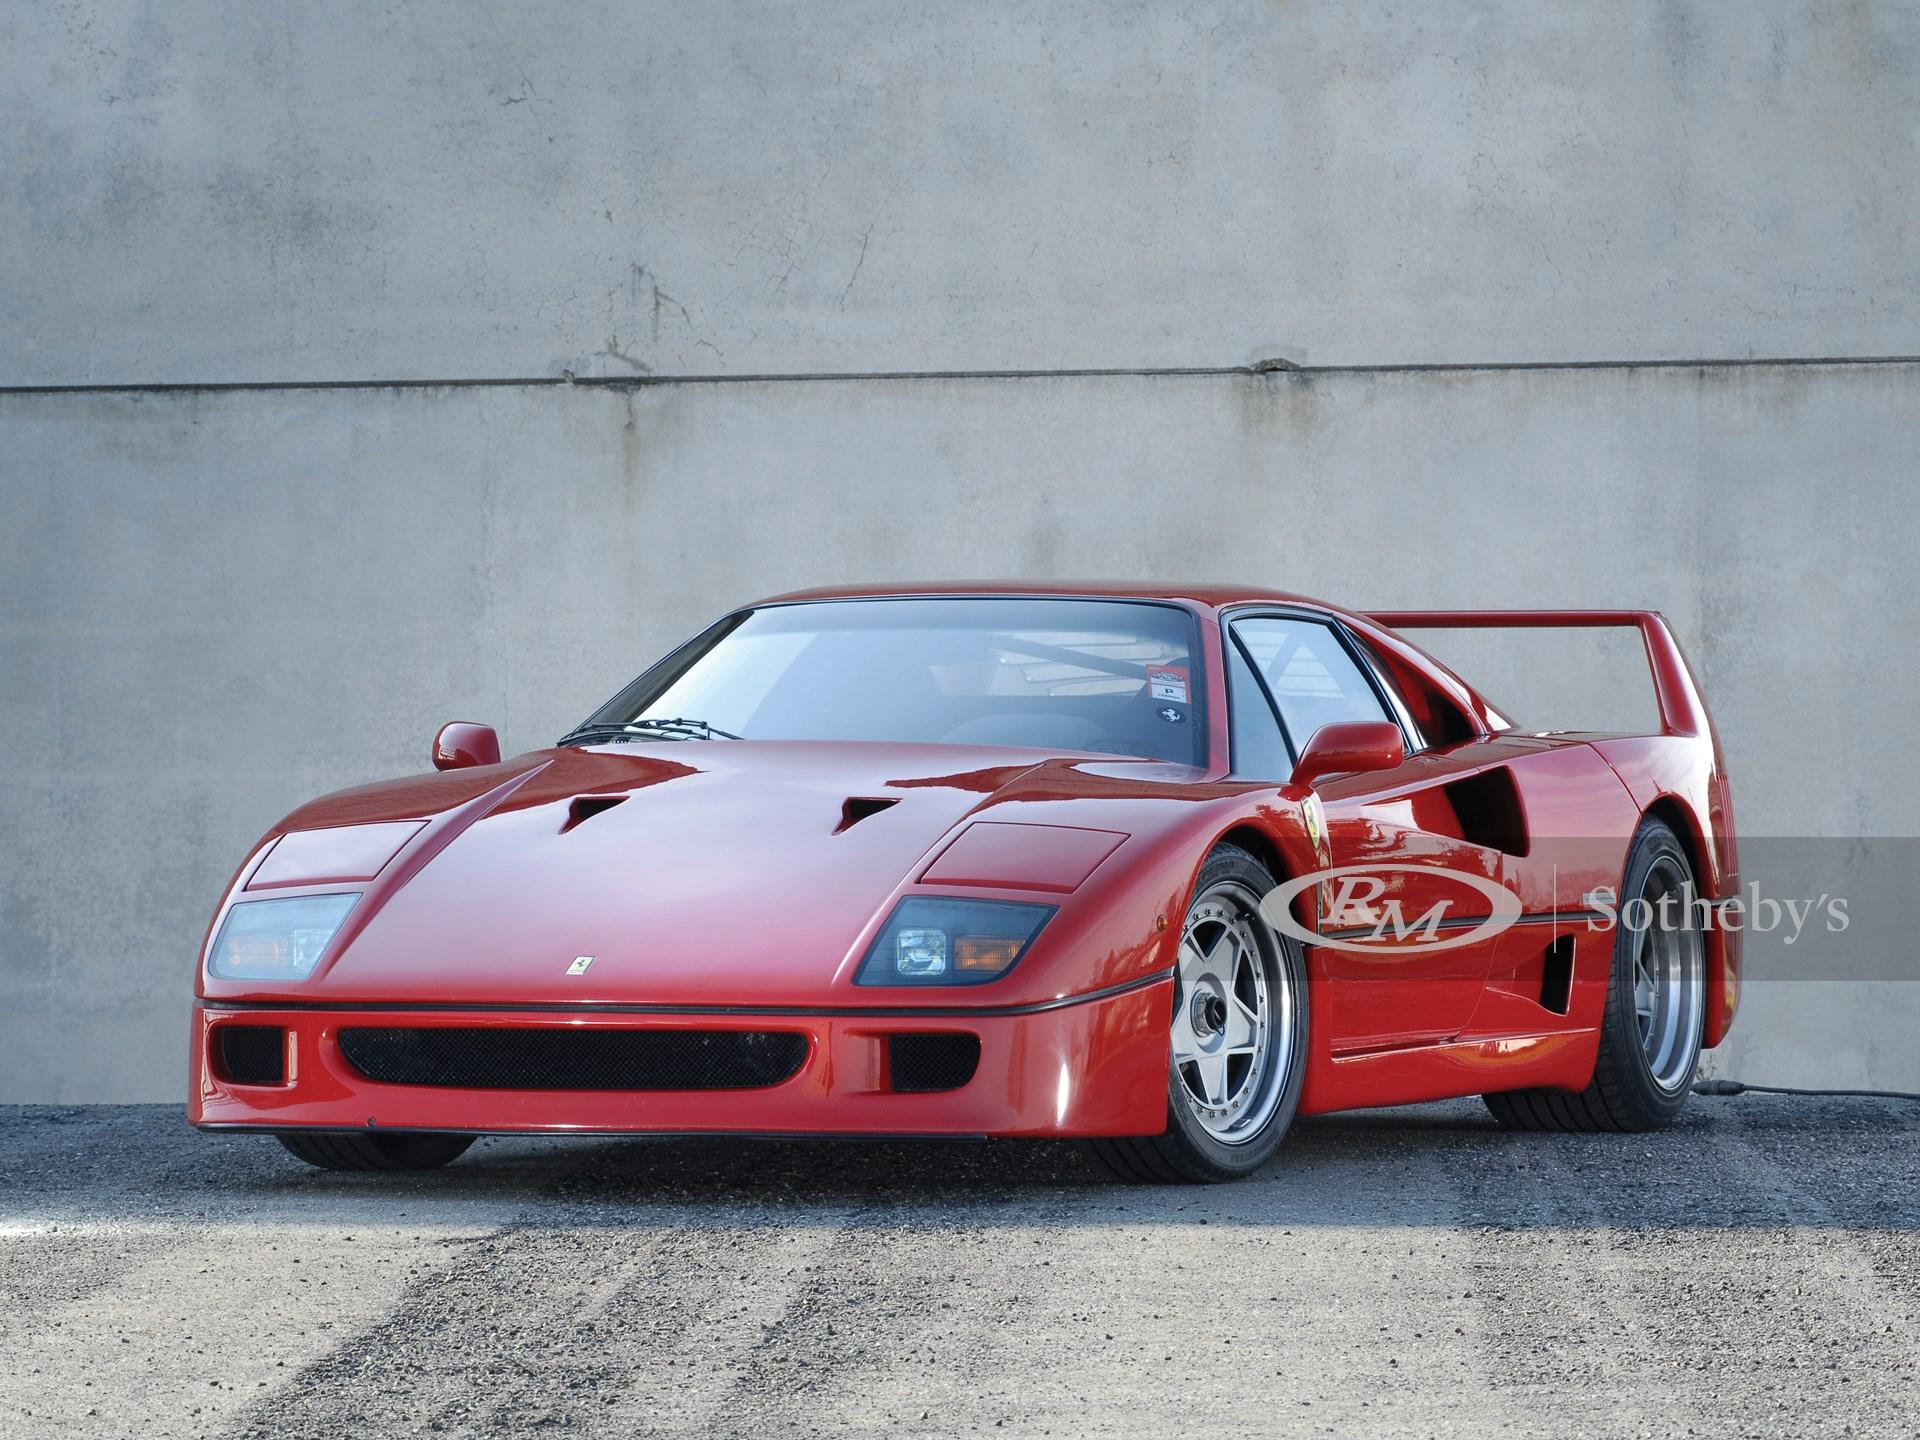 1989 Ferrari F40 Valeo | Ferrari - Leggenda e Passione ...